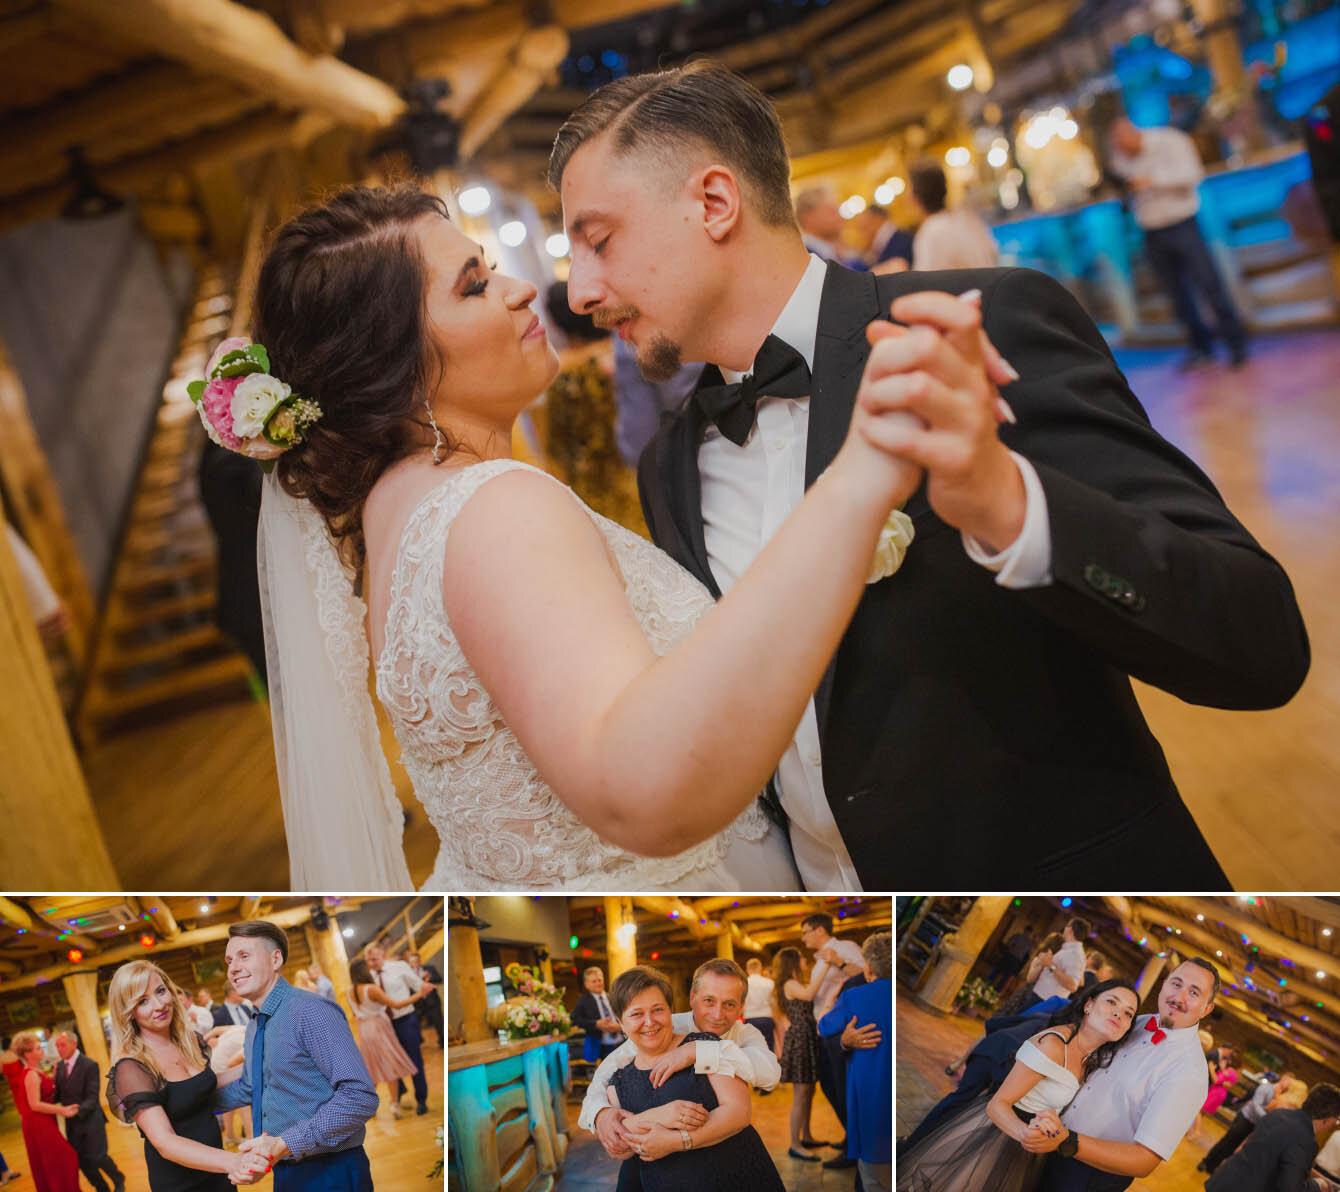 Fotografie ślubne Marka i Angeliki w domu weselnym pod Grzybkiem fotograf Bartek Wyrobek  34.jpg